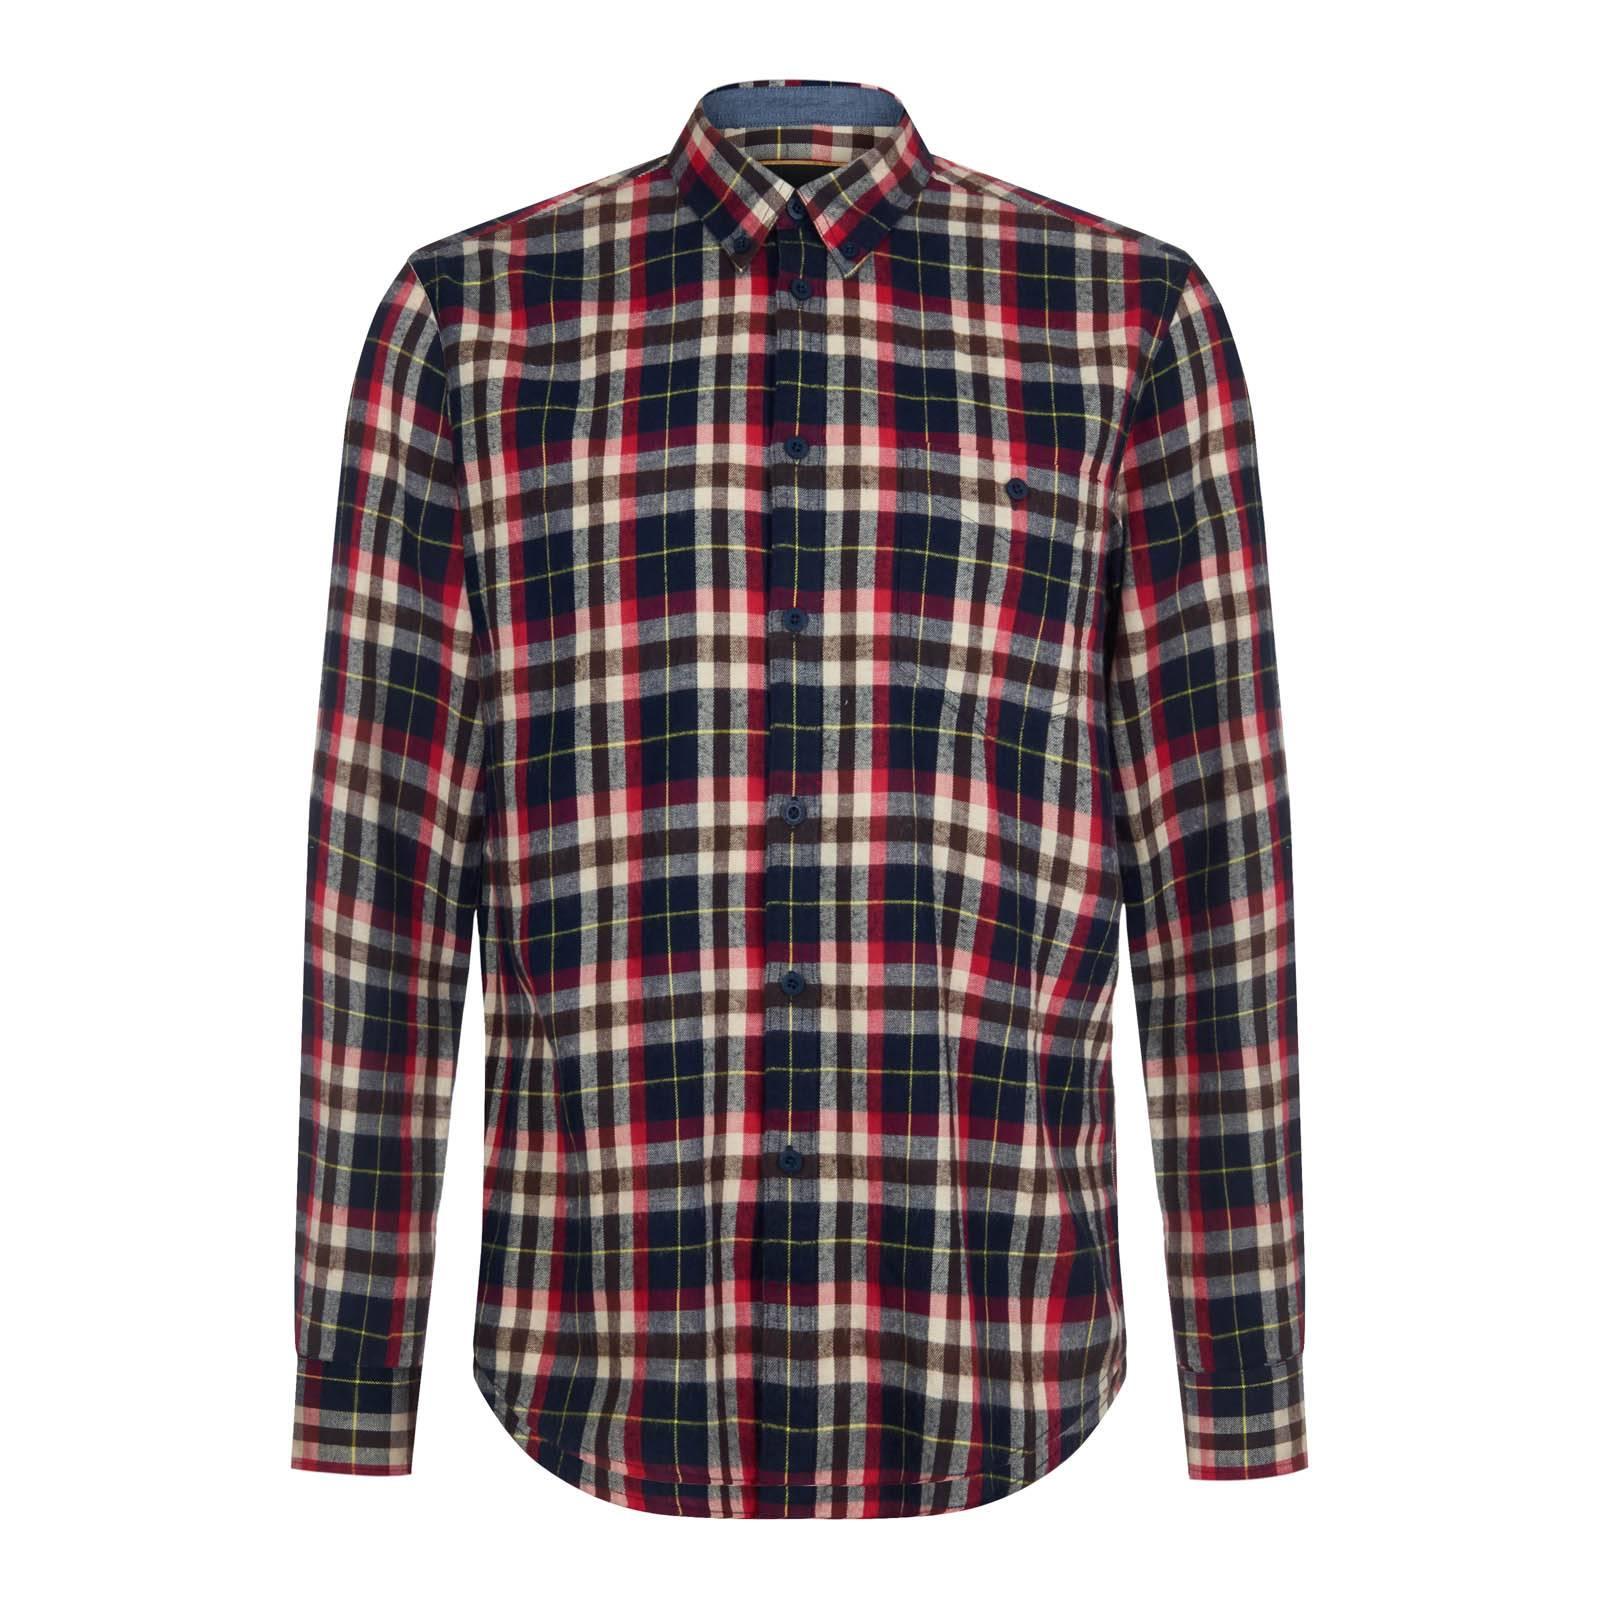 Рубашка TurnerButton Down<br>Приталенного покроя мужская рубашка из высококачественного хлопчатобумажного твила – ворсистой, мягкой на ощупь, прочной и долговечной ткани, выработанной саржевым (диагональным) переплетением нитей.  Традиционный для британской моды button-down воротник на пуговицах и эффектный тартановый узор вызывают ассоциации с благородным, уходящим в глубину веков стилем шотландского высокогорья. Эту рубашку удобно заправлять в джинсы, для чего её конструкция предусматривает удлиненную спинку. Её можно также сочетать с твидовыми брюками и пиджаком, а также замшевой обувью типа брогов или дезертов.<br><br>Артикул: 1516214<br>Материал: None<br>Цвет: мультицветный тартан<br>Пол: Мужской